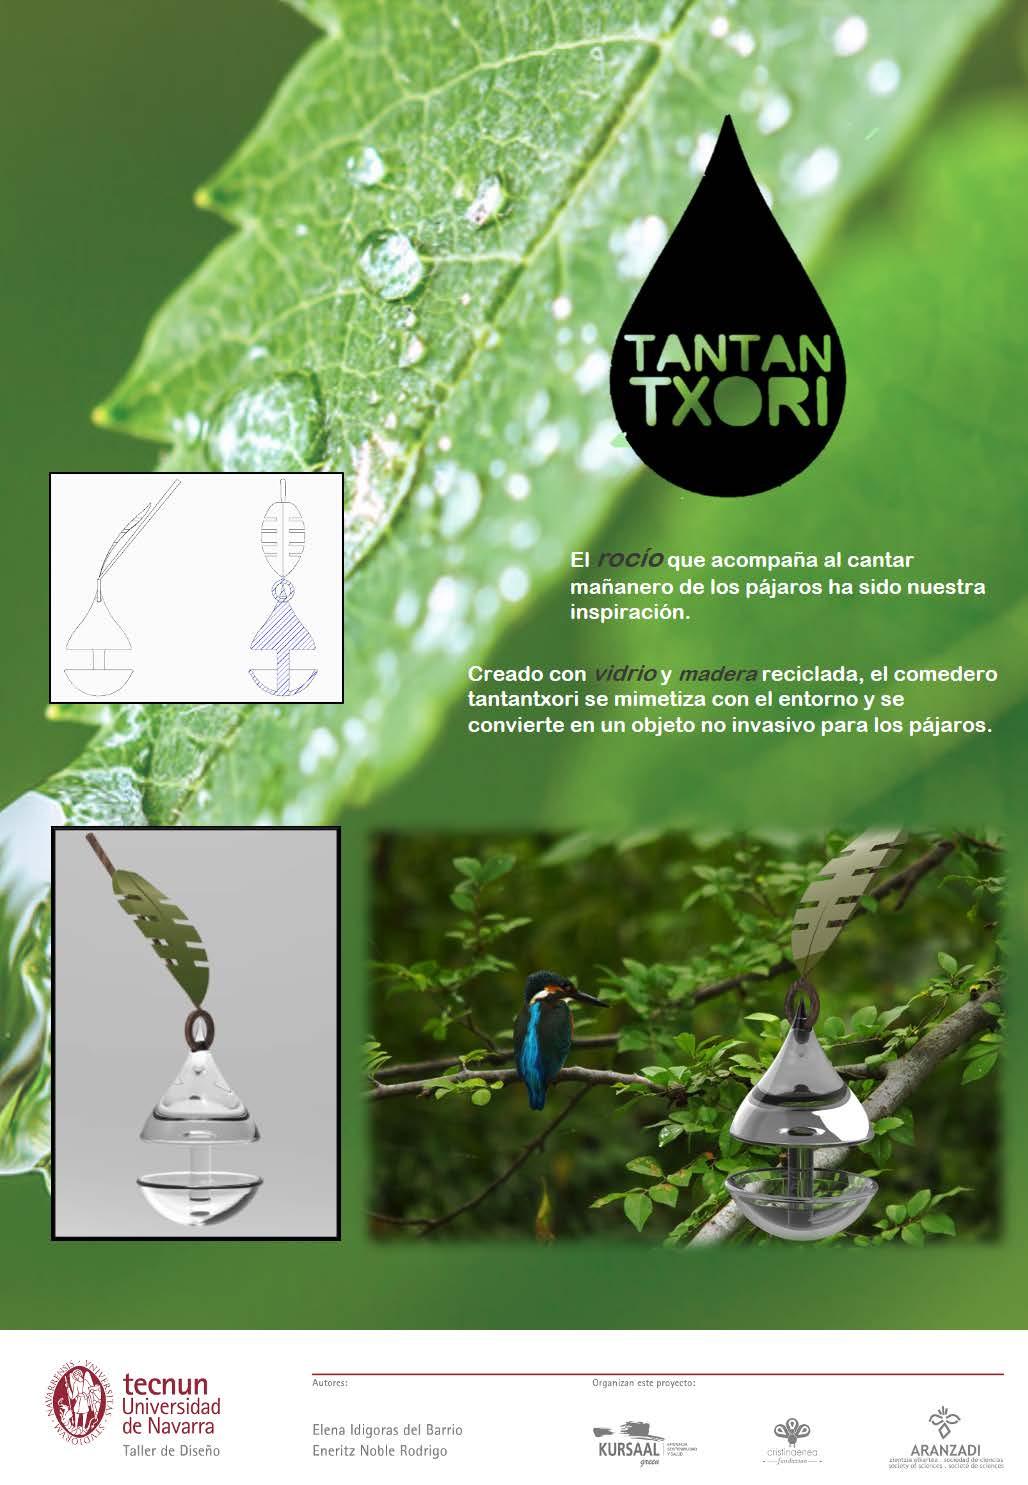 Taller de diseño - Tecnum - Txoriak - TANTANTXORI